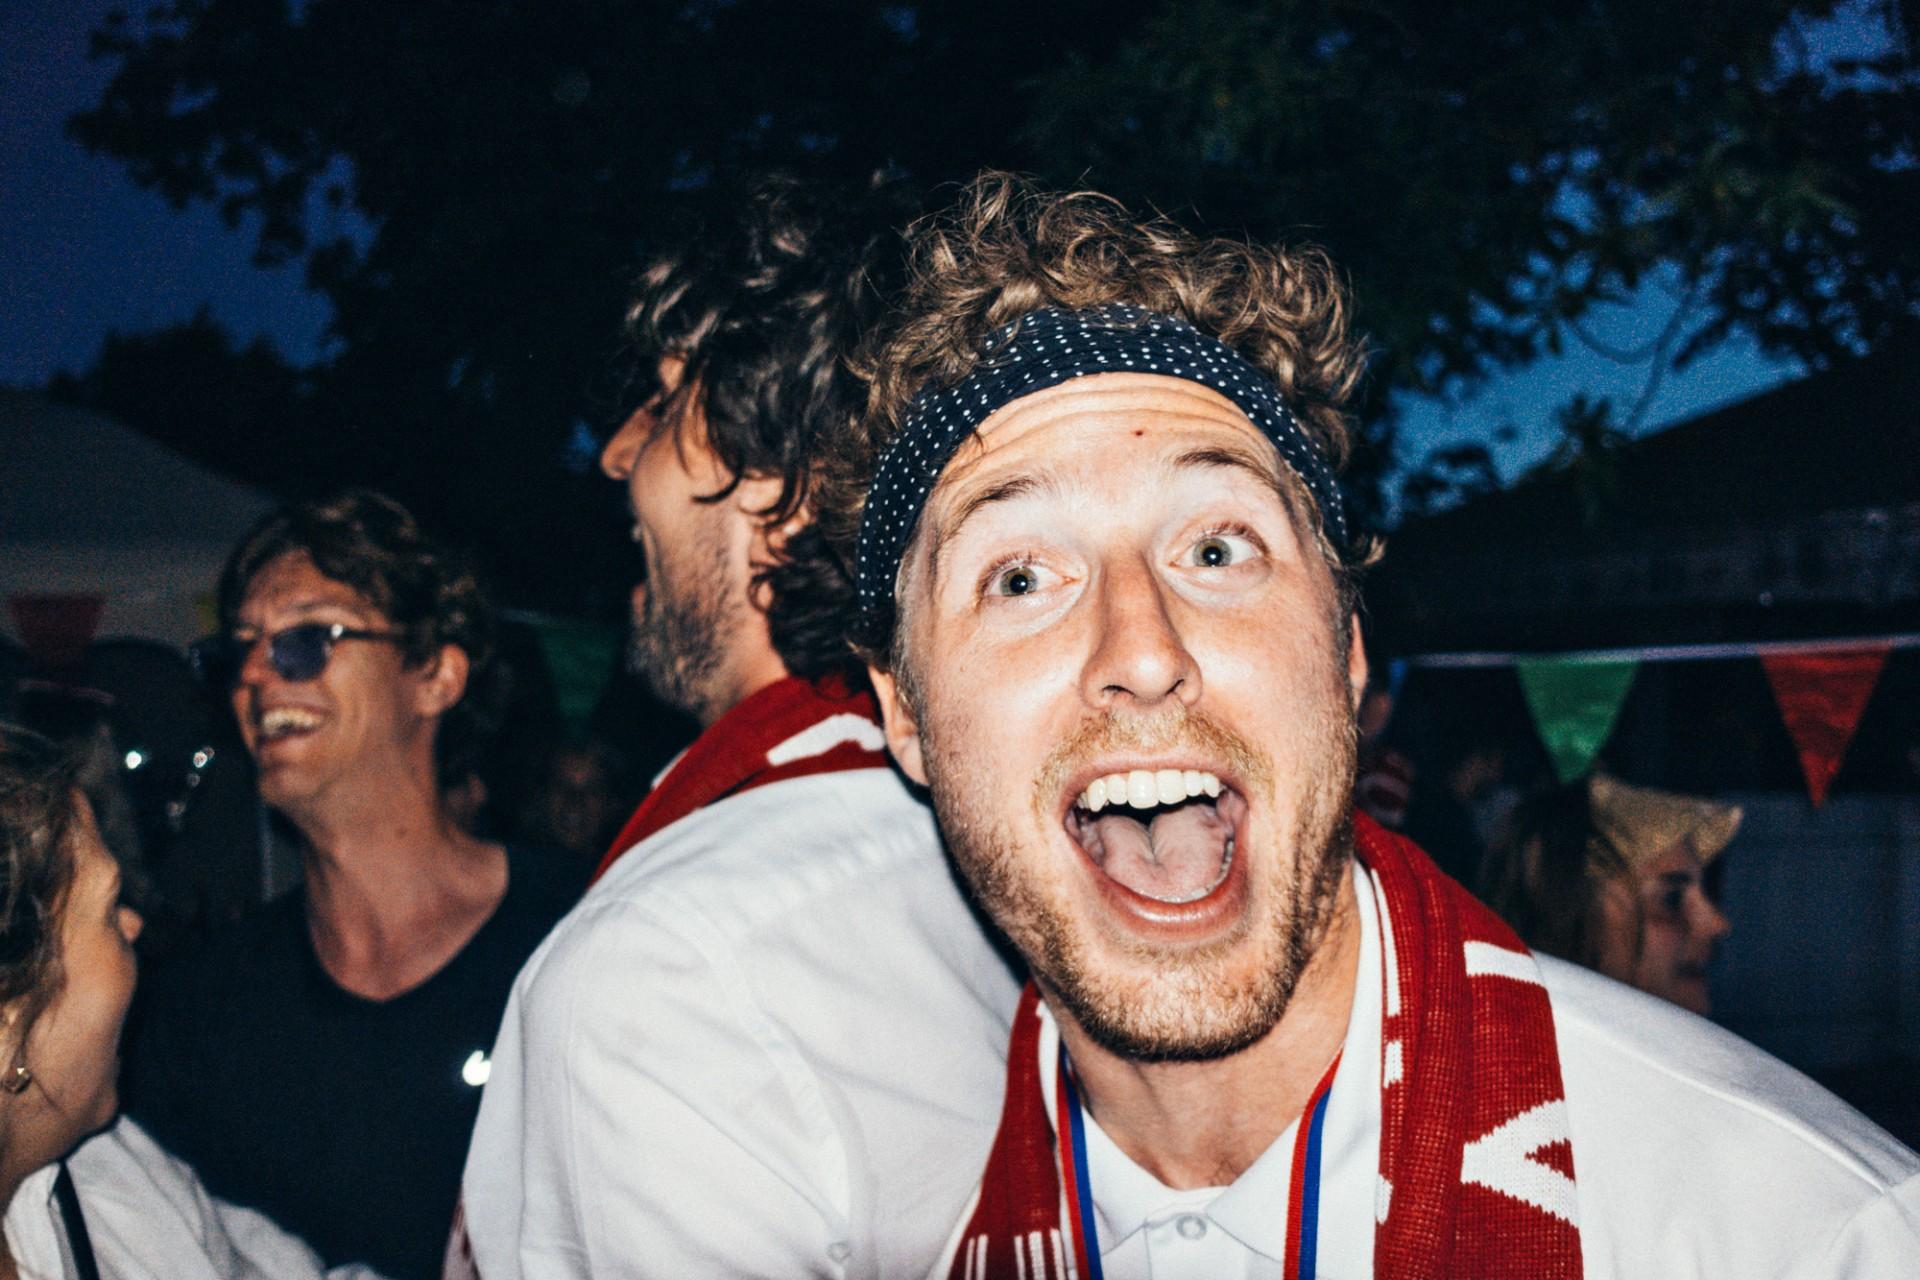 Florian Schüppel BÜCHSEN OPEN